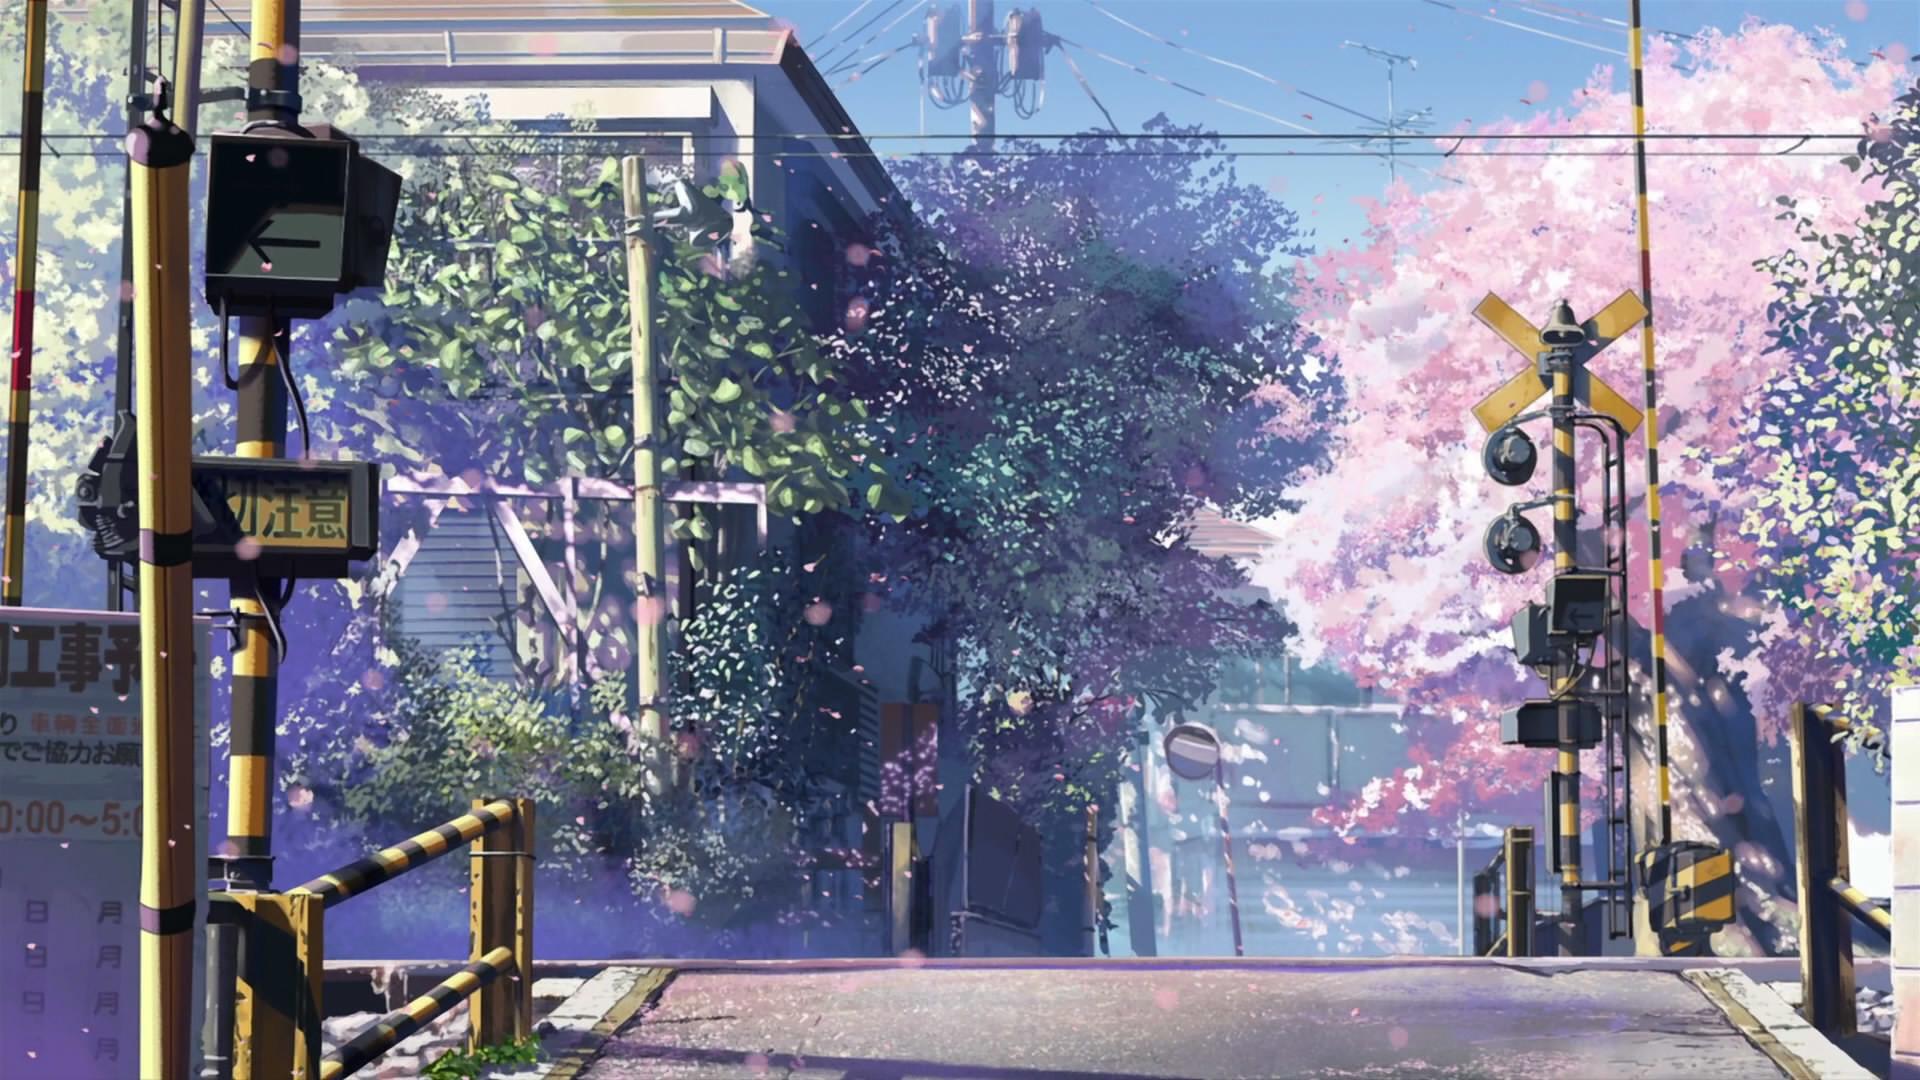 Cherry blossoms streets Makoto Shinkai railroad tracks roads 5 Centimeters  Per Second railroads railroad crossing wallpaper